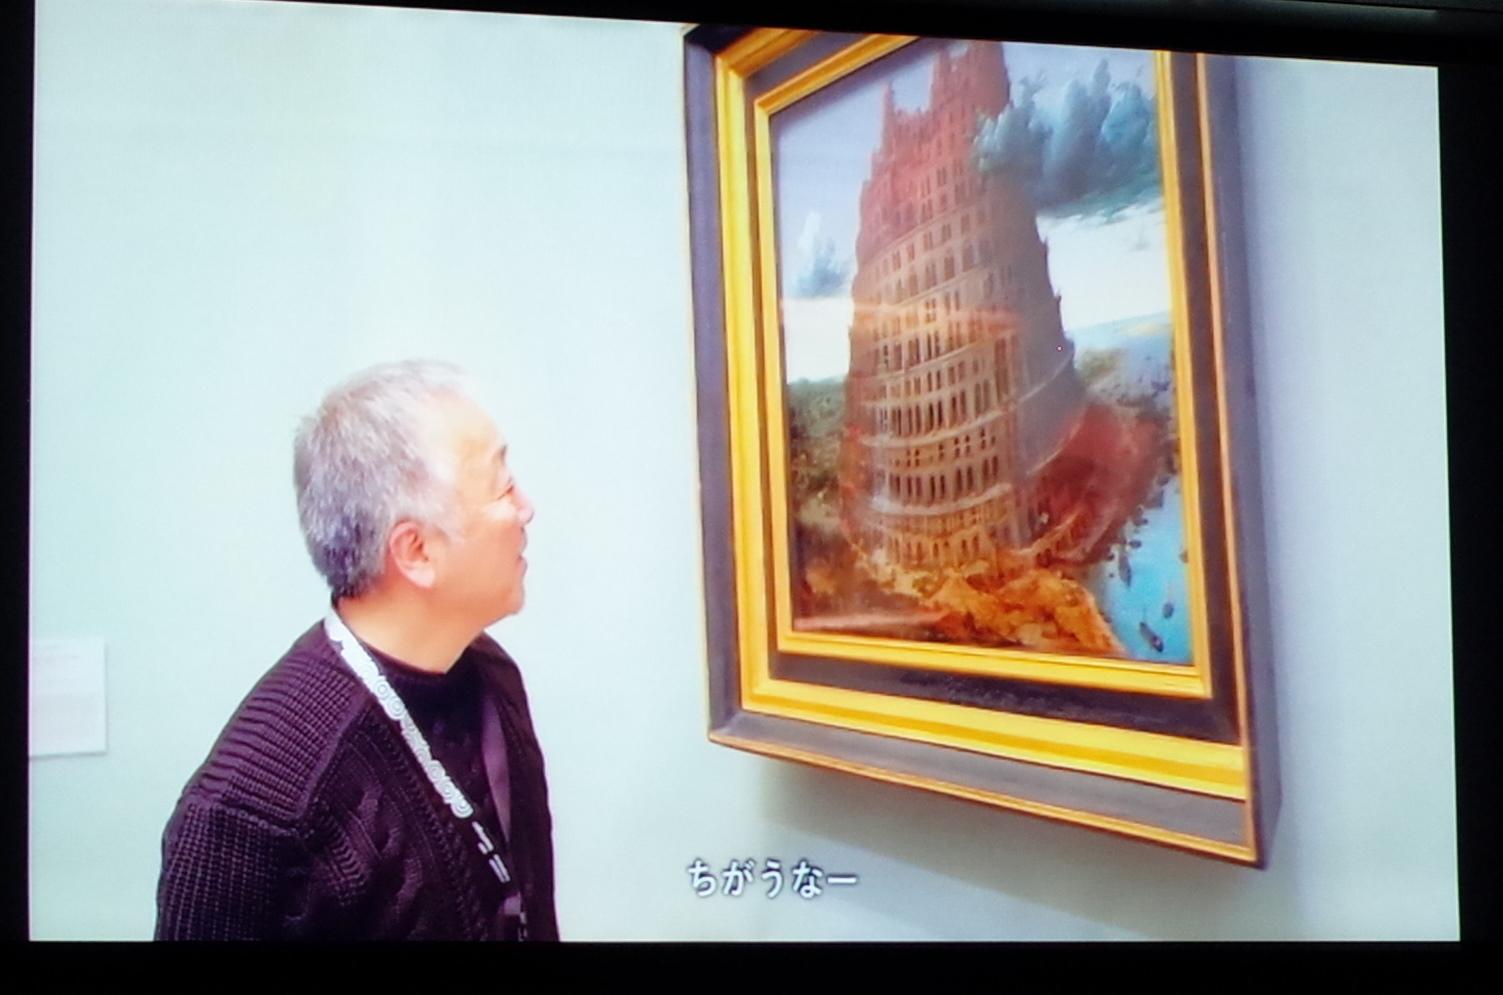 ボイスマン美術館にて「本物はちがう」と唸る大友